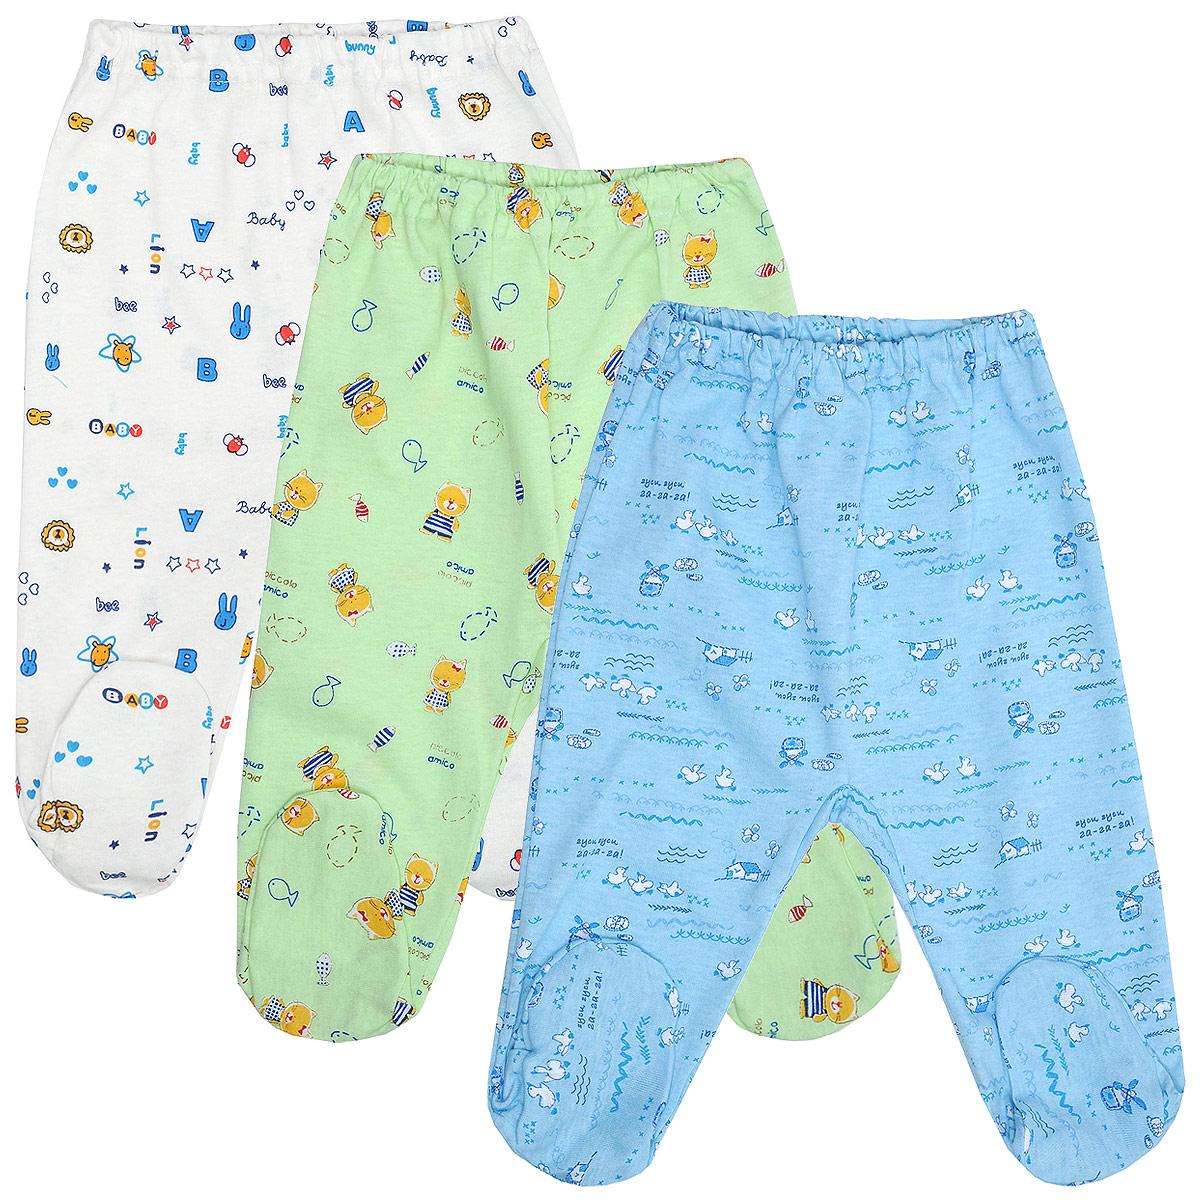 Комплект ползунков для мальчика, 3 шт. 10-506м10-506мКомплект Фреш Стайл состоит из трех ползунков для мальчика разных цветов с забавными рисунками. Ползунки - очень удобный и практичный вид одежды для малышей. Отлично сочетаются с футболками, кофточками и боди. Ползунки с закрытыми ножками выполнены из натурального хлопка, благодаря чему они необычайно мягкие и приятные на ощупь, не раздражают нежную кожу ребенка и хорошо вентилируются. Ползунки очень удобные, свободные, с мягкой резинкой на талии. Идеально подходят для ношения с подгузником и без него. Современный дизайн и яркая расцветка делают этот комплект оригинальным и стильным предметом детского гардероба. УВАЖАЕМЫЕ КЛИЕНТЫ! Обращаем ваше внимание на возможные изменения в дизайне, связанные с ассортиментом продукции: рисунок и цветовая гамма могут отличаться от представленного на изображении. Возможные варианты рисунков и цветов представлены на отдельном изображении фрагментом ткани.